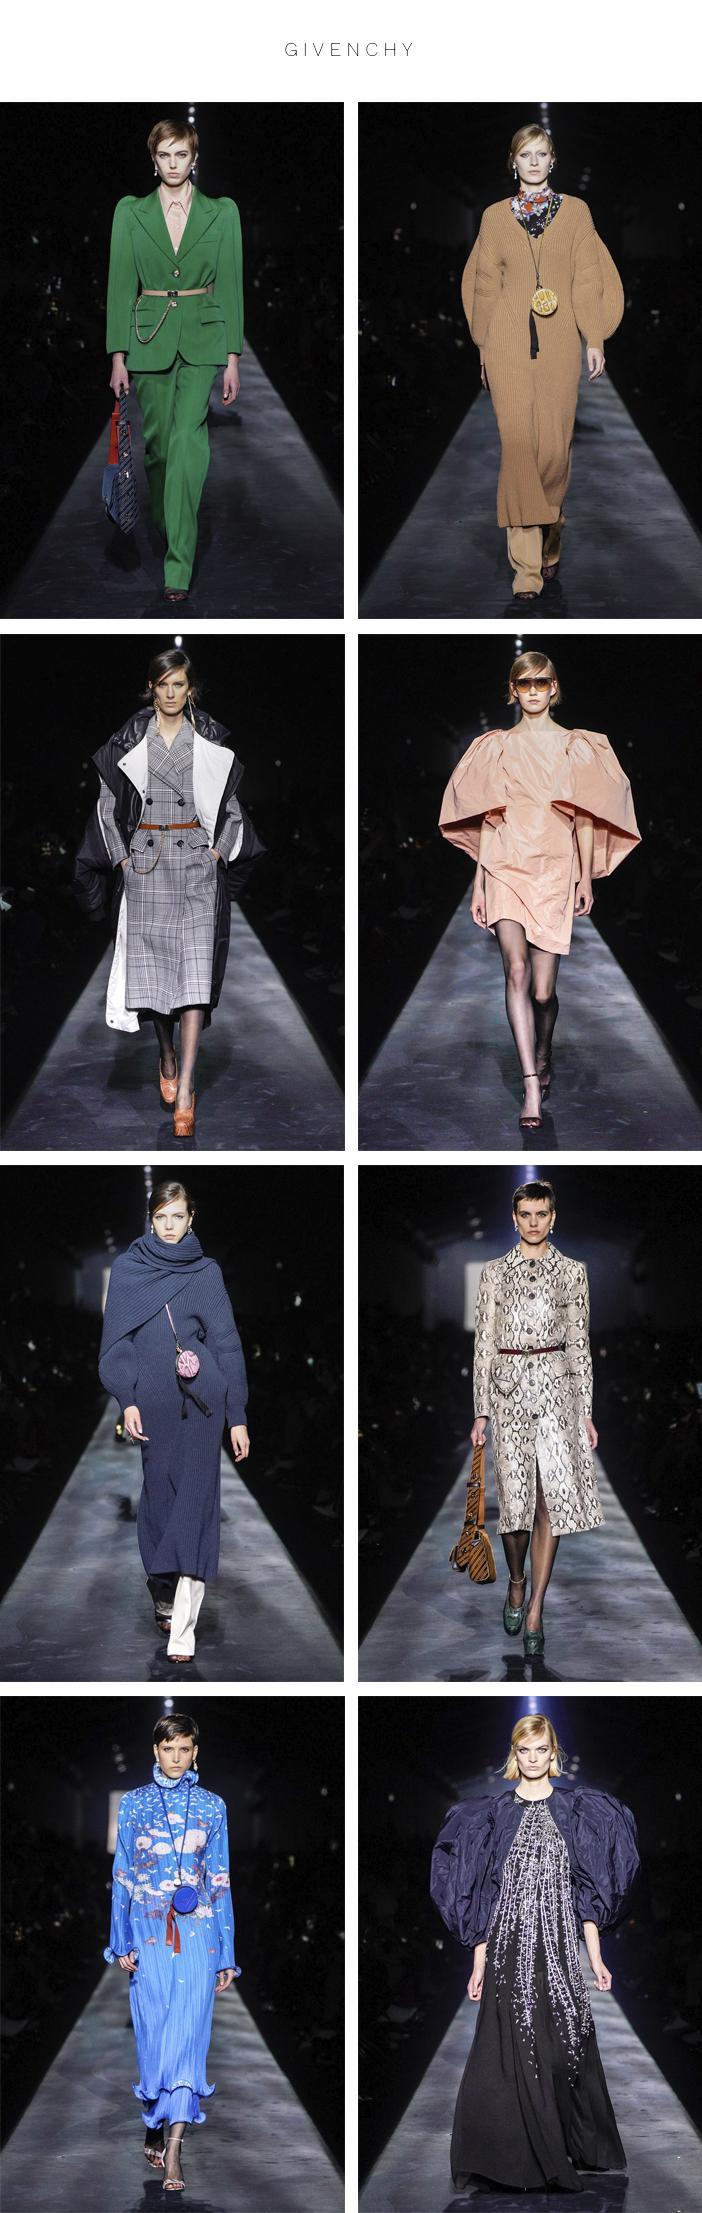 Semana de Moda de Paris - Inverno 2019 - Parte 2 - Givenchy